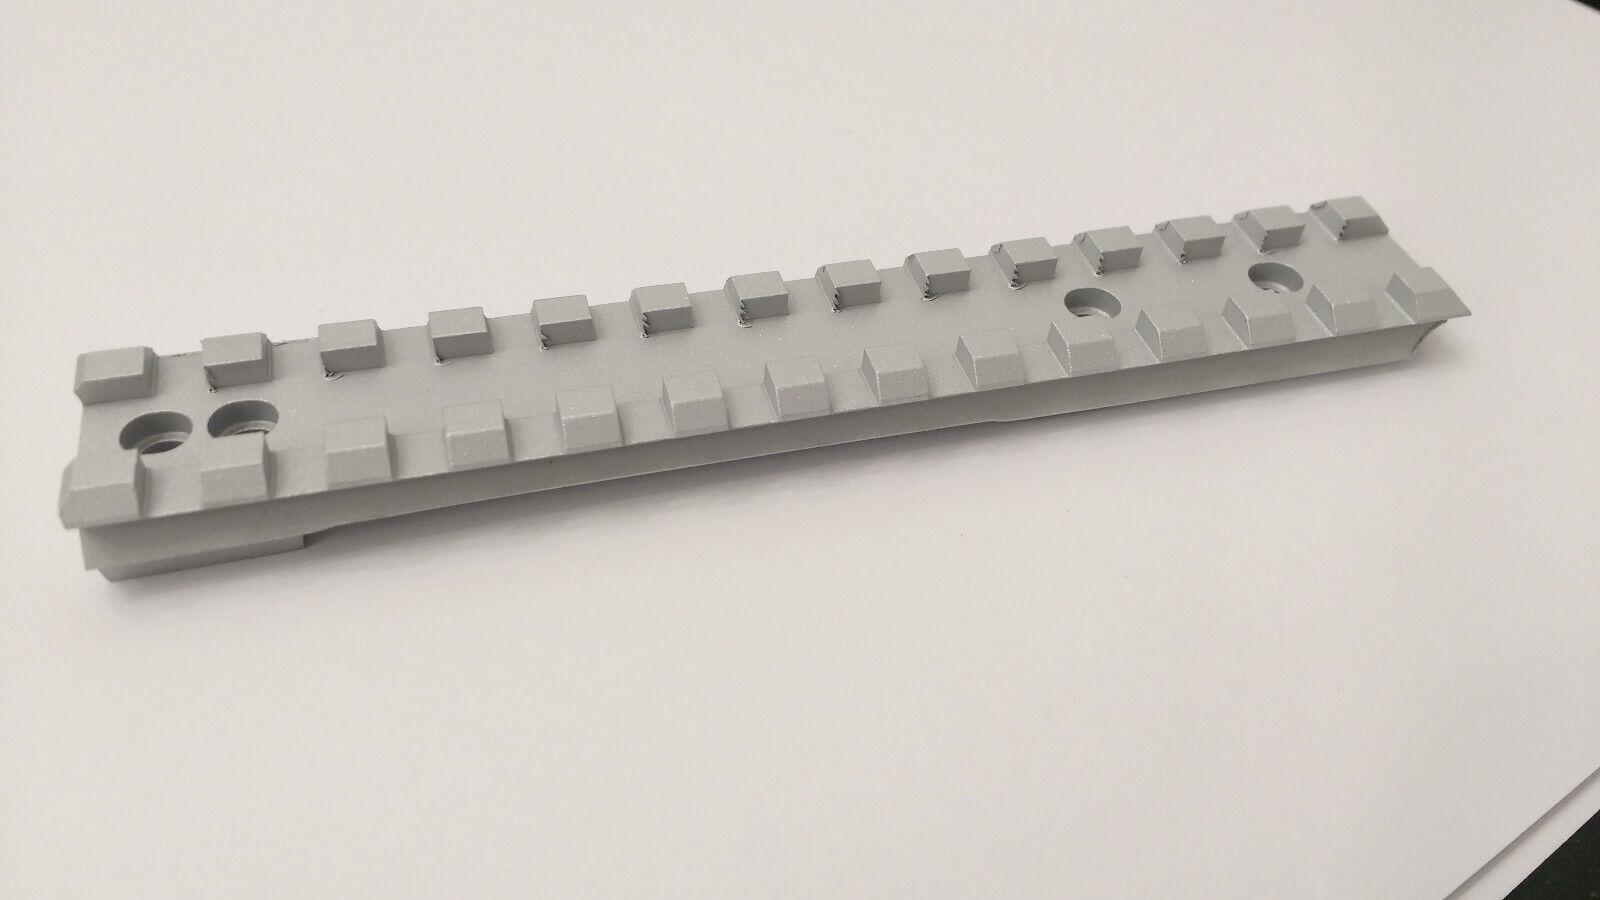 Carril Picatinny-Ruger Precission Gen 3 SA (Plateado) de 0 a 70 Moa mil